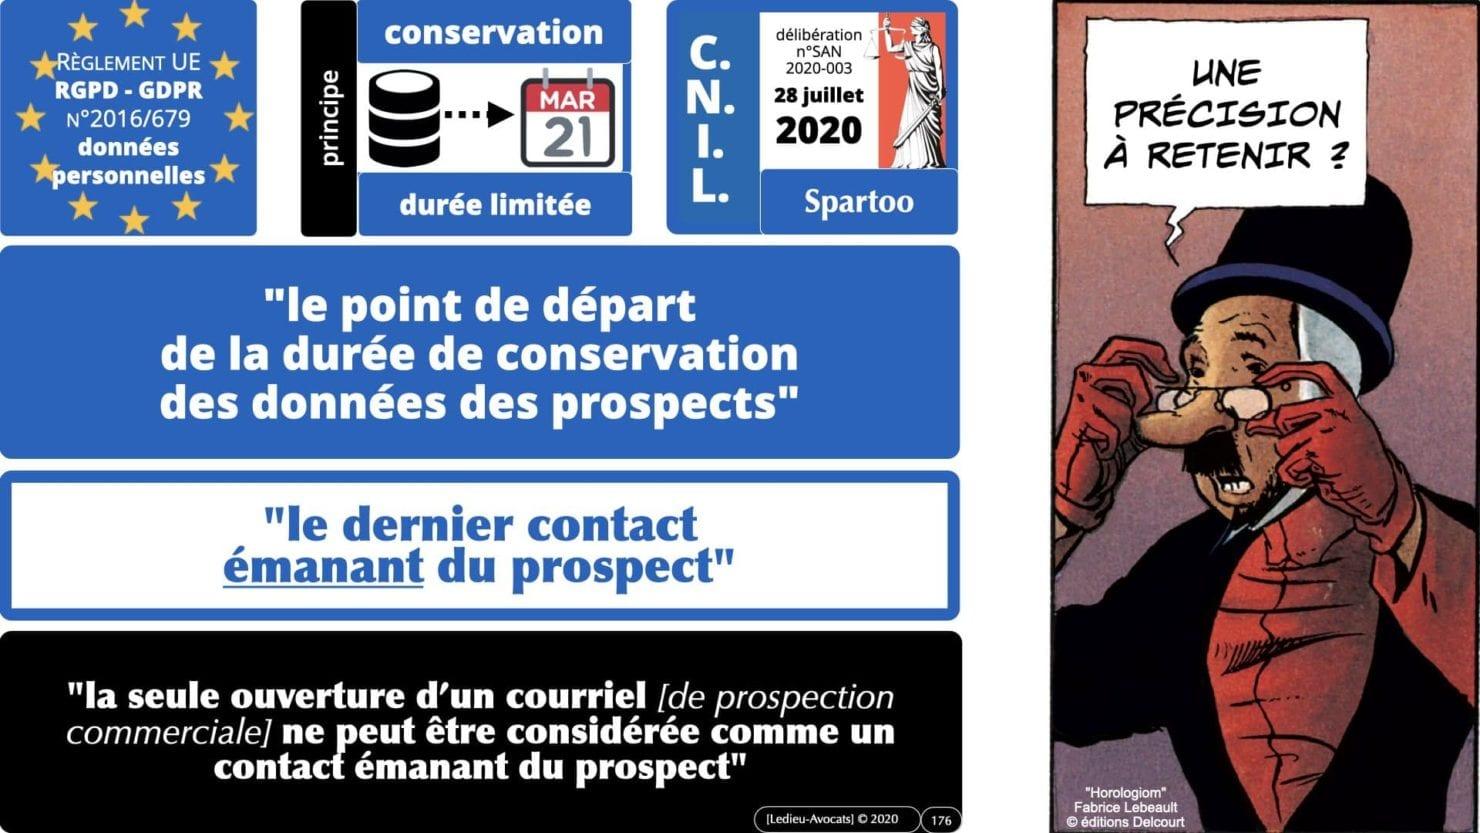 RGPD e-Privacy données personnelles jurisprudence formation Lamy Les Echos 10-02-2021 ©Ledieu-Avocats.176